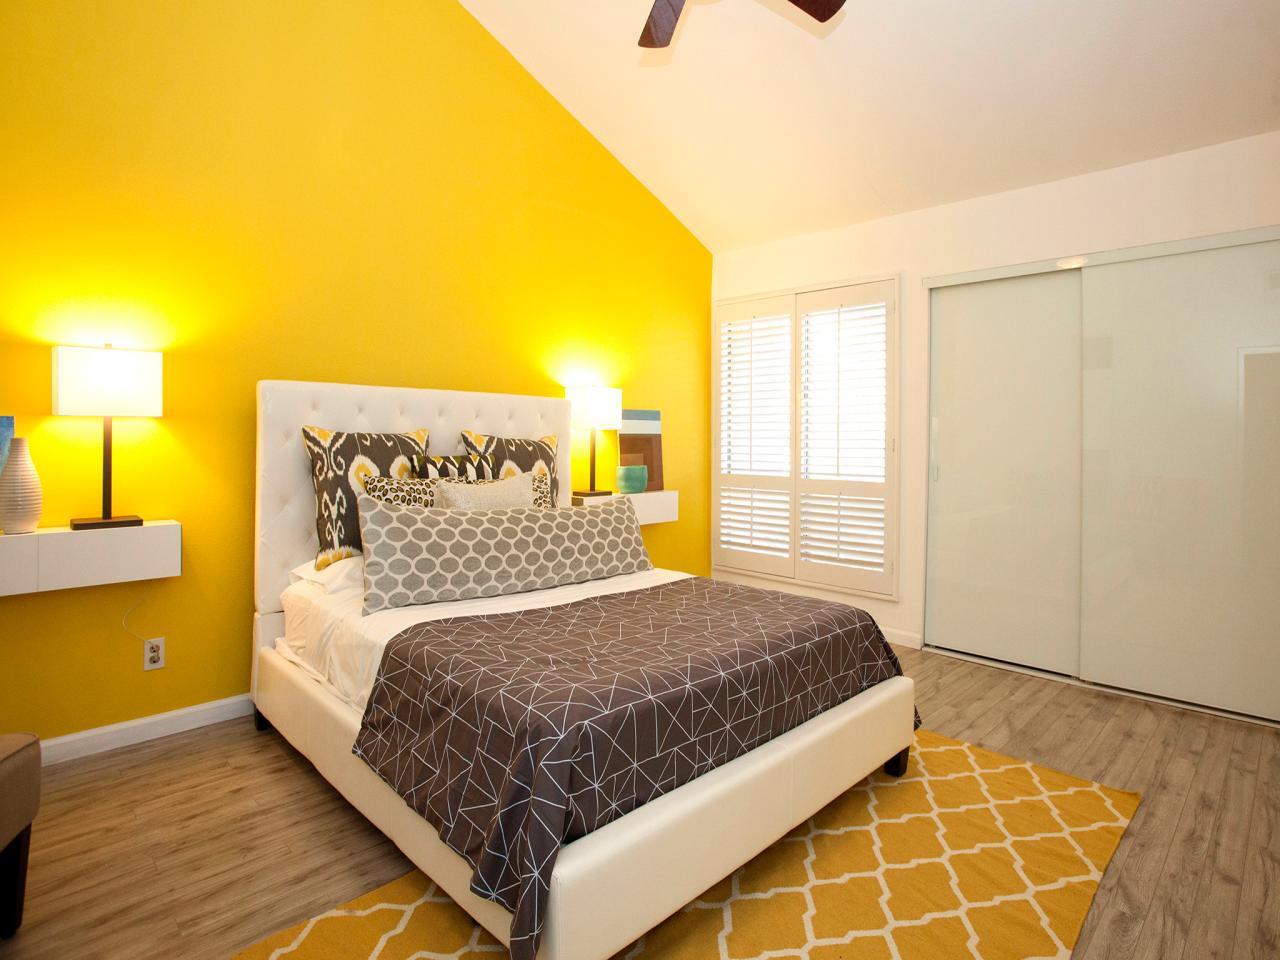 Tổng hợp 10 màu sơn phòng ngủ đẹp để bạn say giấc nồng 11